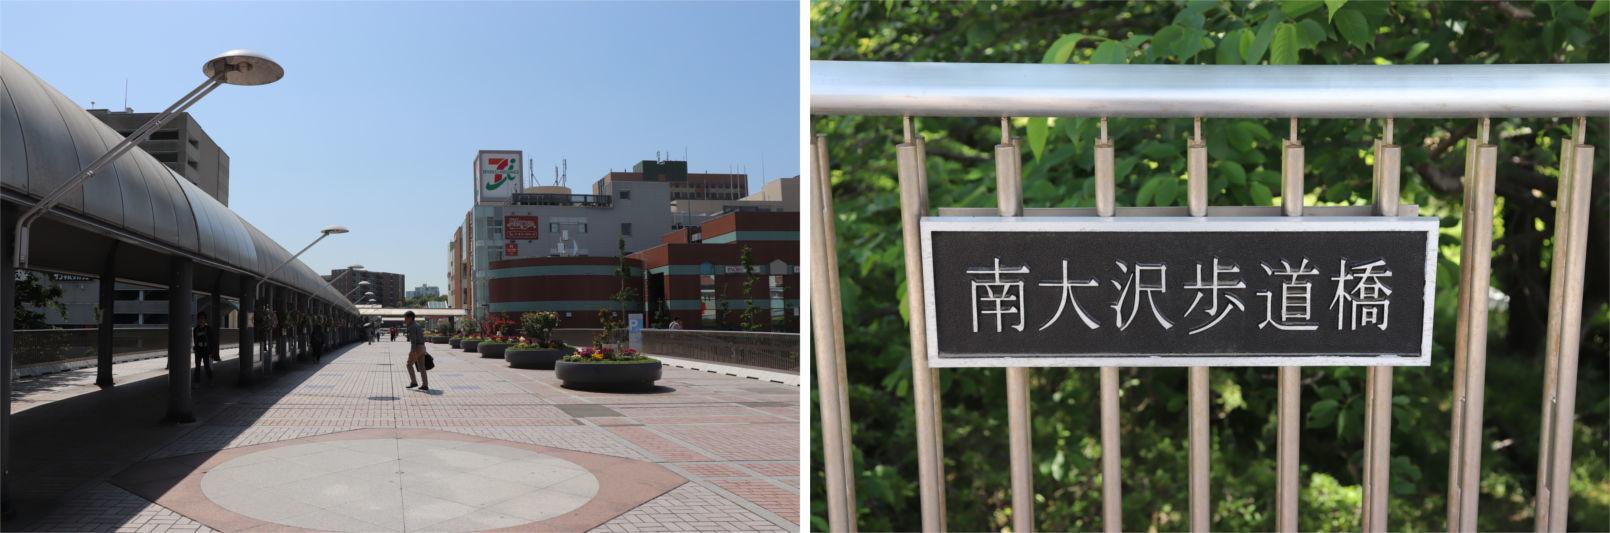 [多摩NTの橋ぜんぶ撮影PJ] No.31~35 南大沢駅周辺_a0332275_16264562.jpg